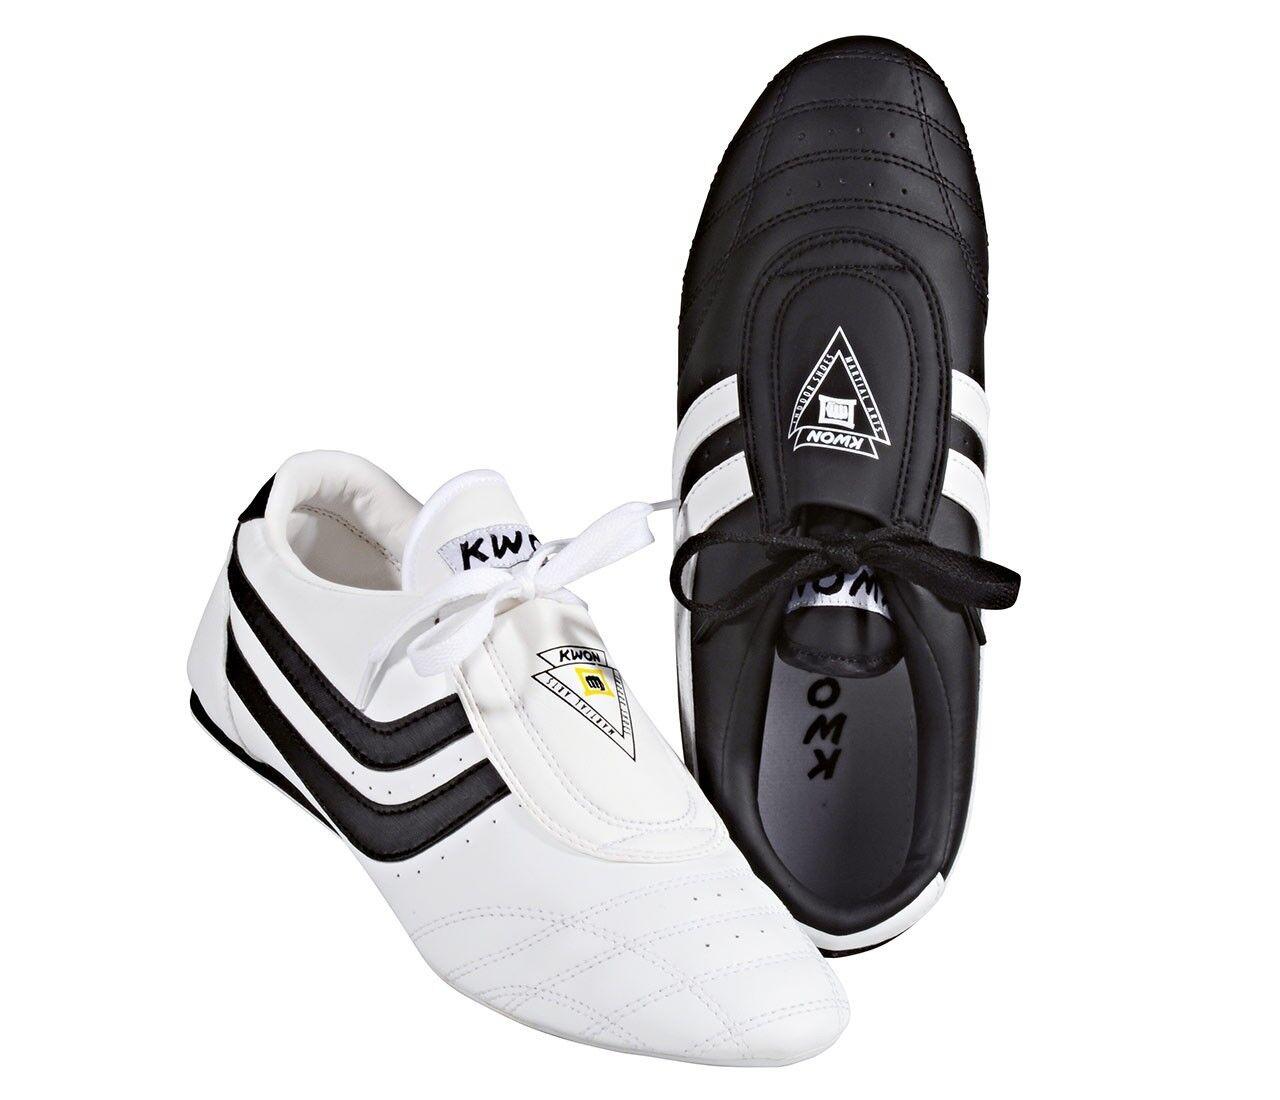 Kwon Kampfsportschuhe Schuhe Chosun weiß schwarz Kampfsport Taekwondo TKD Schuh